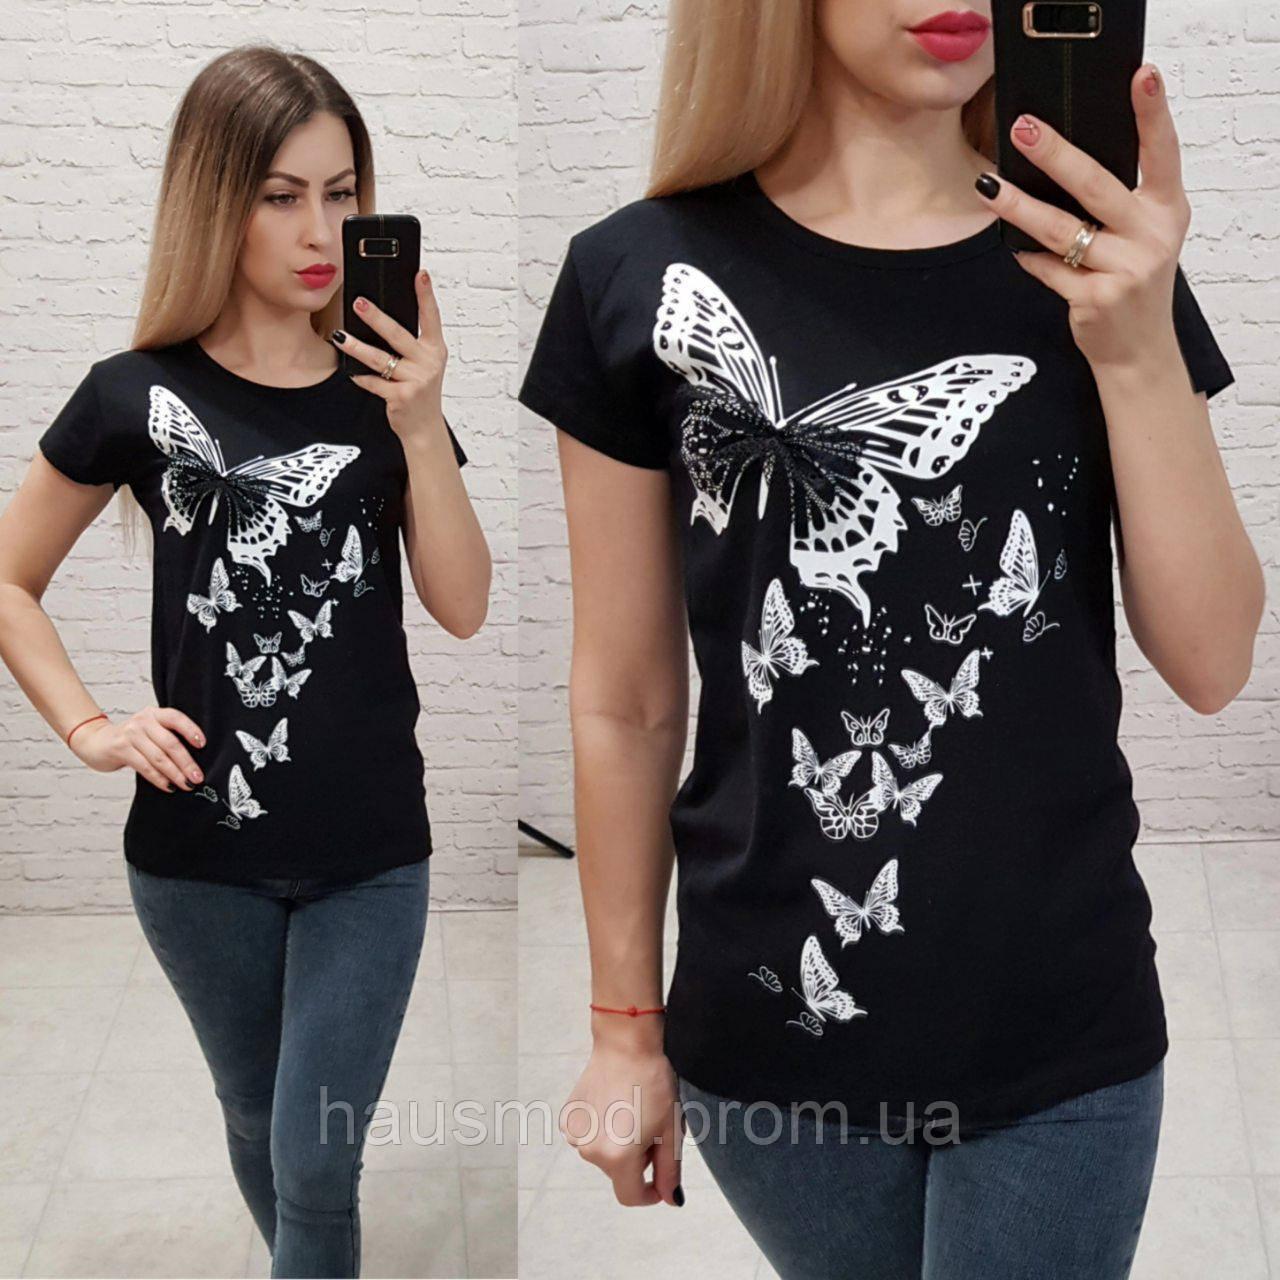 Женская футболка 100% катон бабочки Турция черная